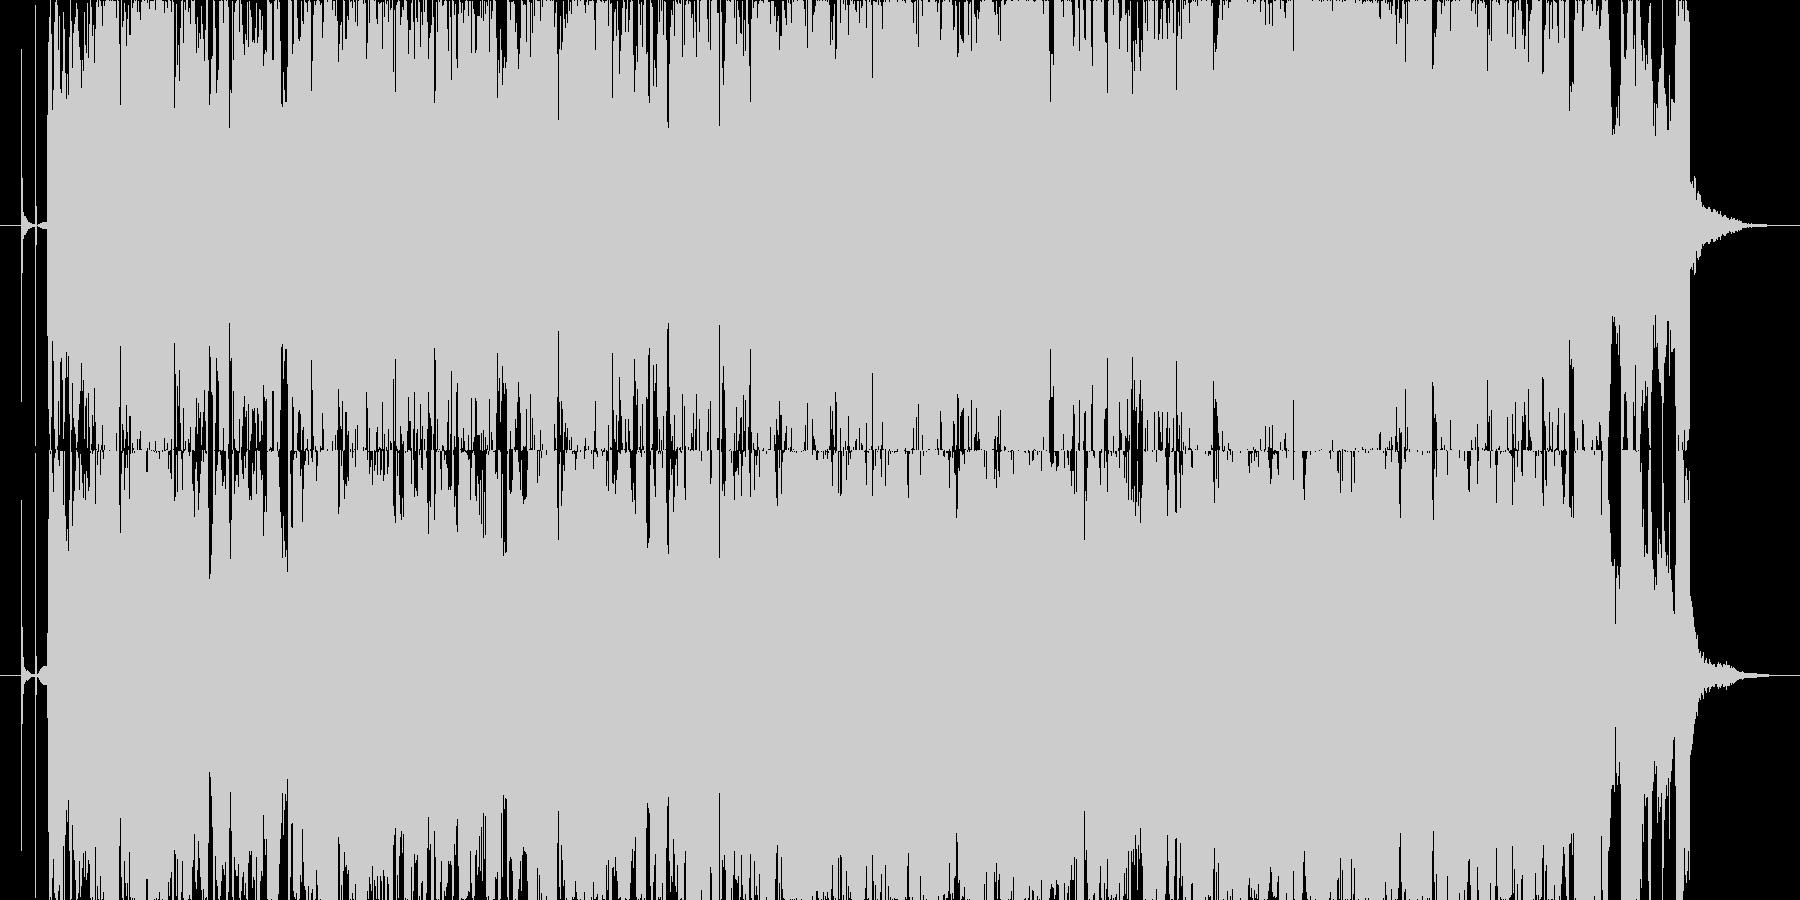 ギターメインのオシャレな曲の未再生の波形